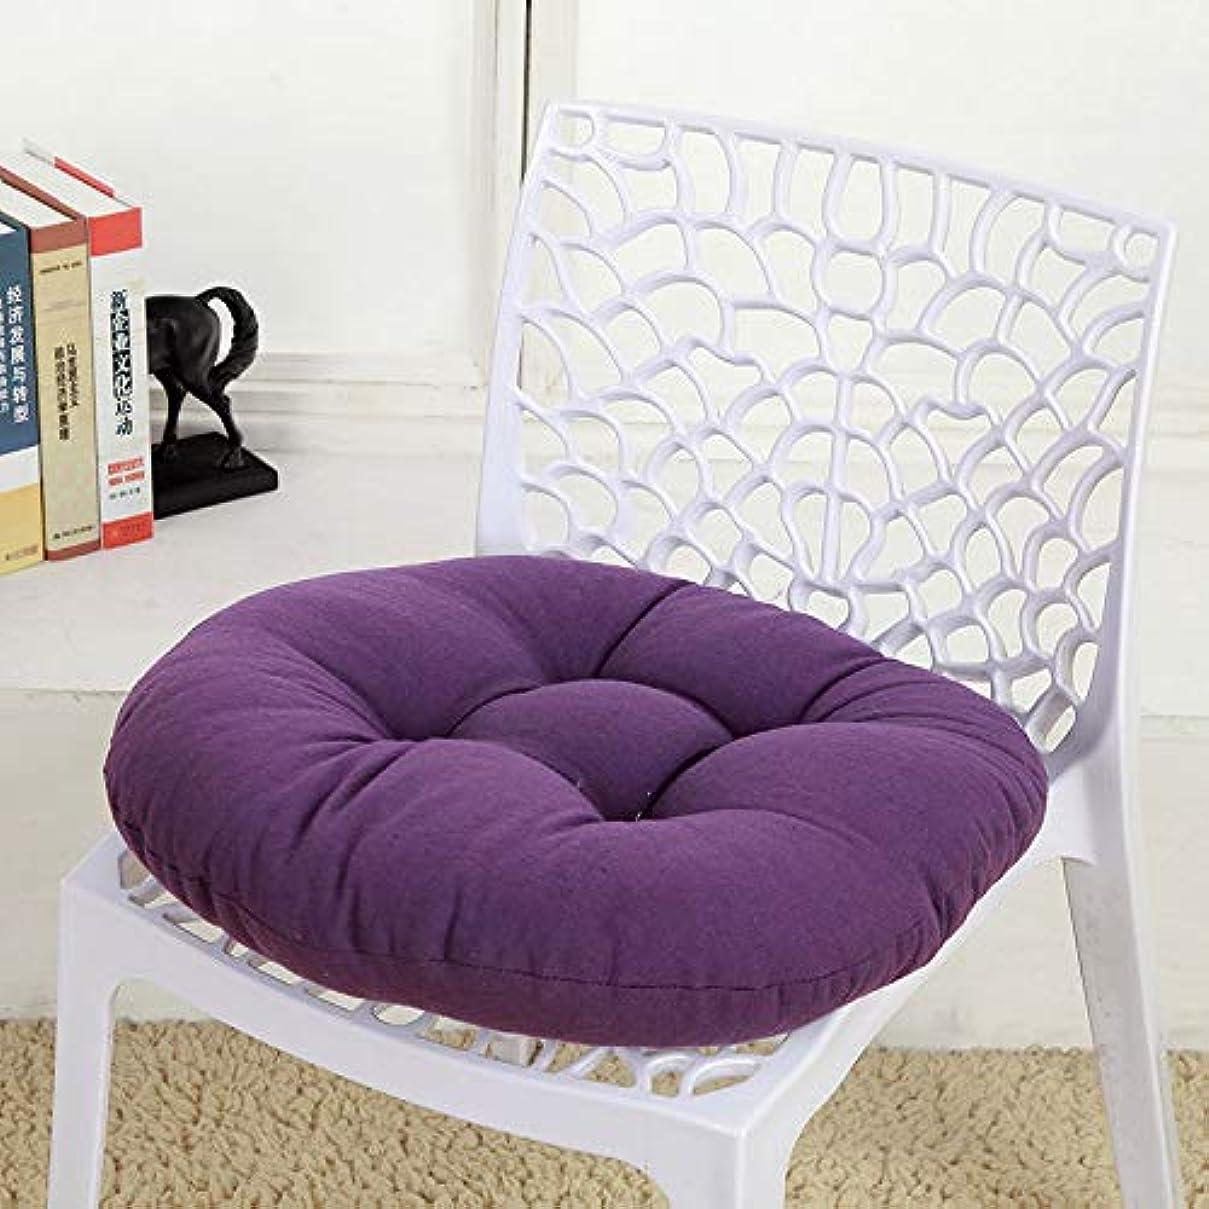 アレルギー親指学んだSMART キャンディカラーのクッションラウンドシートクッション波ウィンドウシートクッションクッション家の装飾パッドラウンド枕シート枕椅子座る枕 クッション 椅子